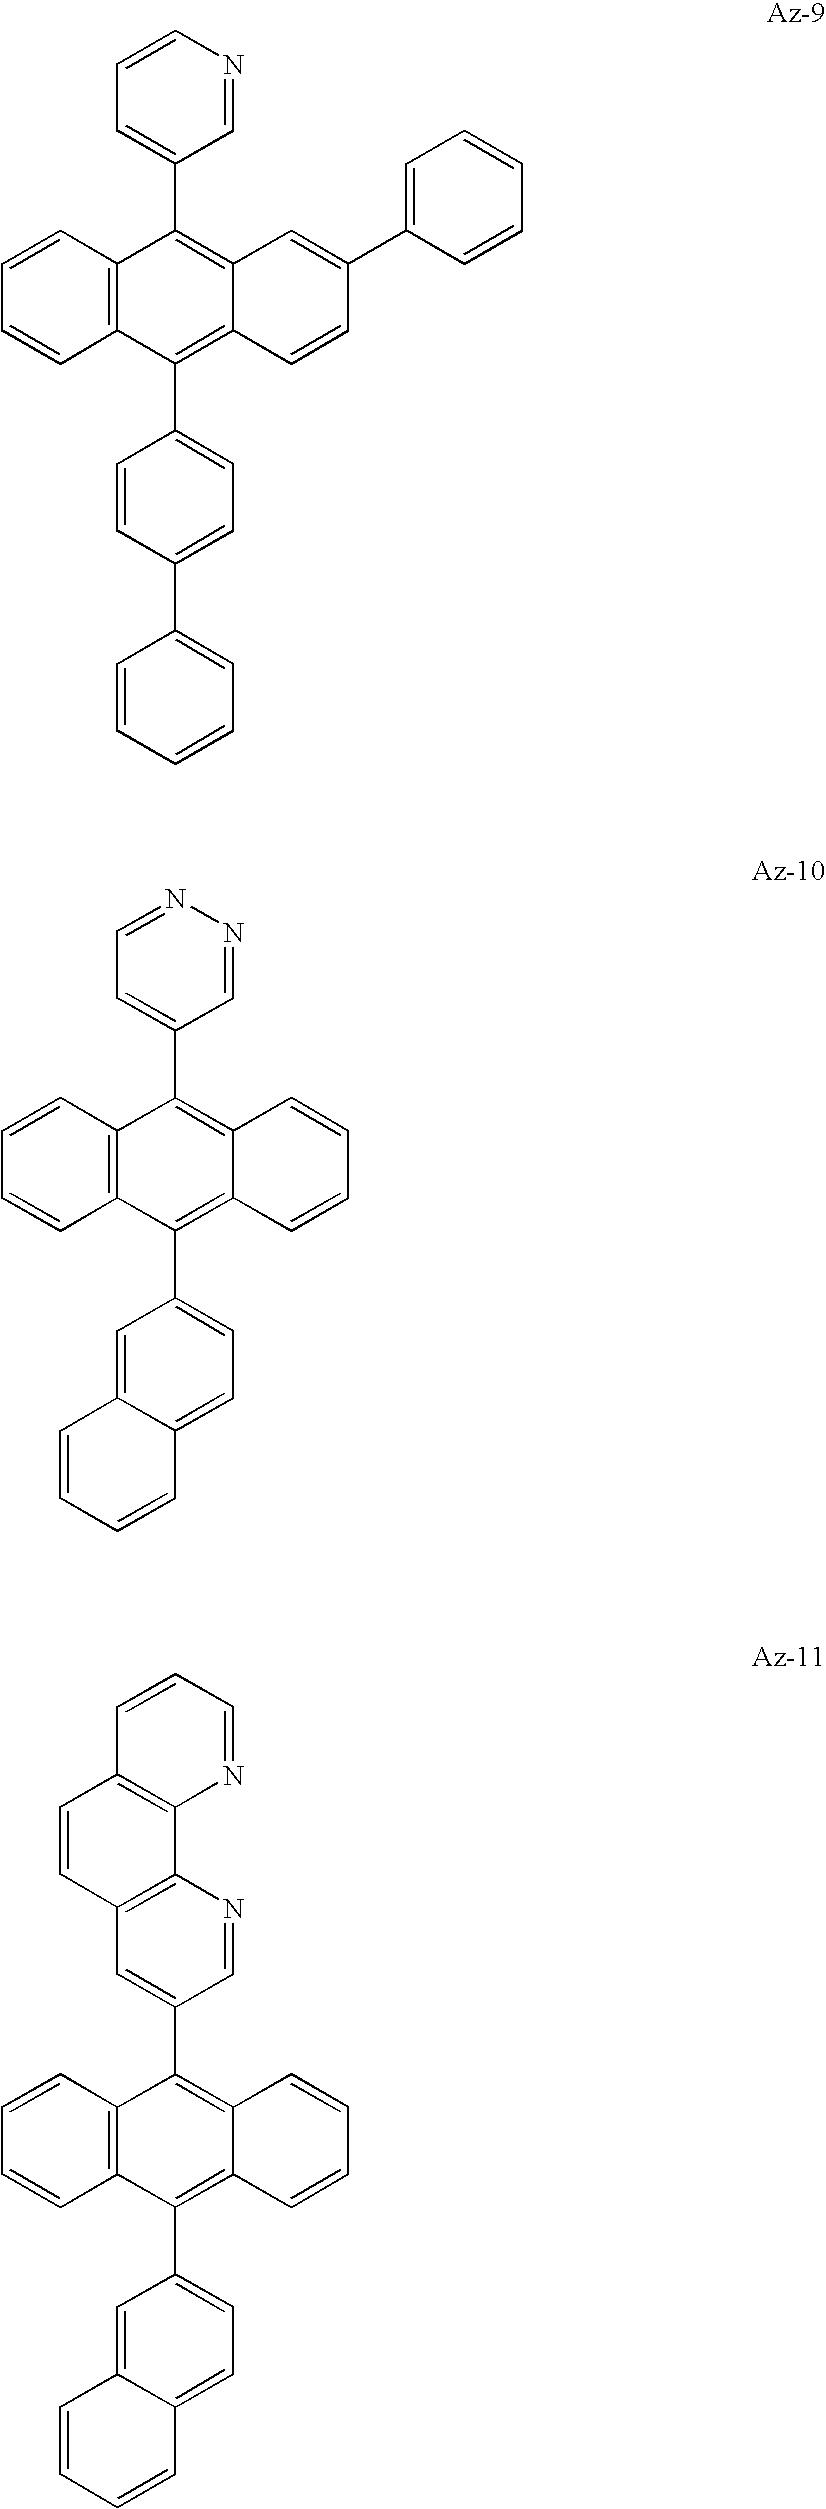 Figure US20100244677A1-20100930-C00027